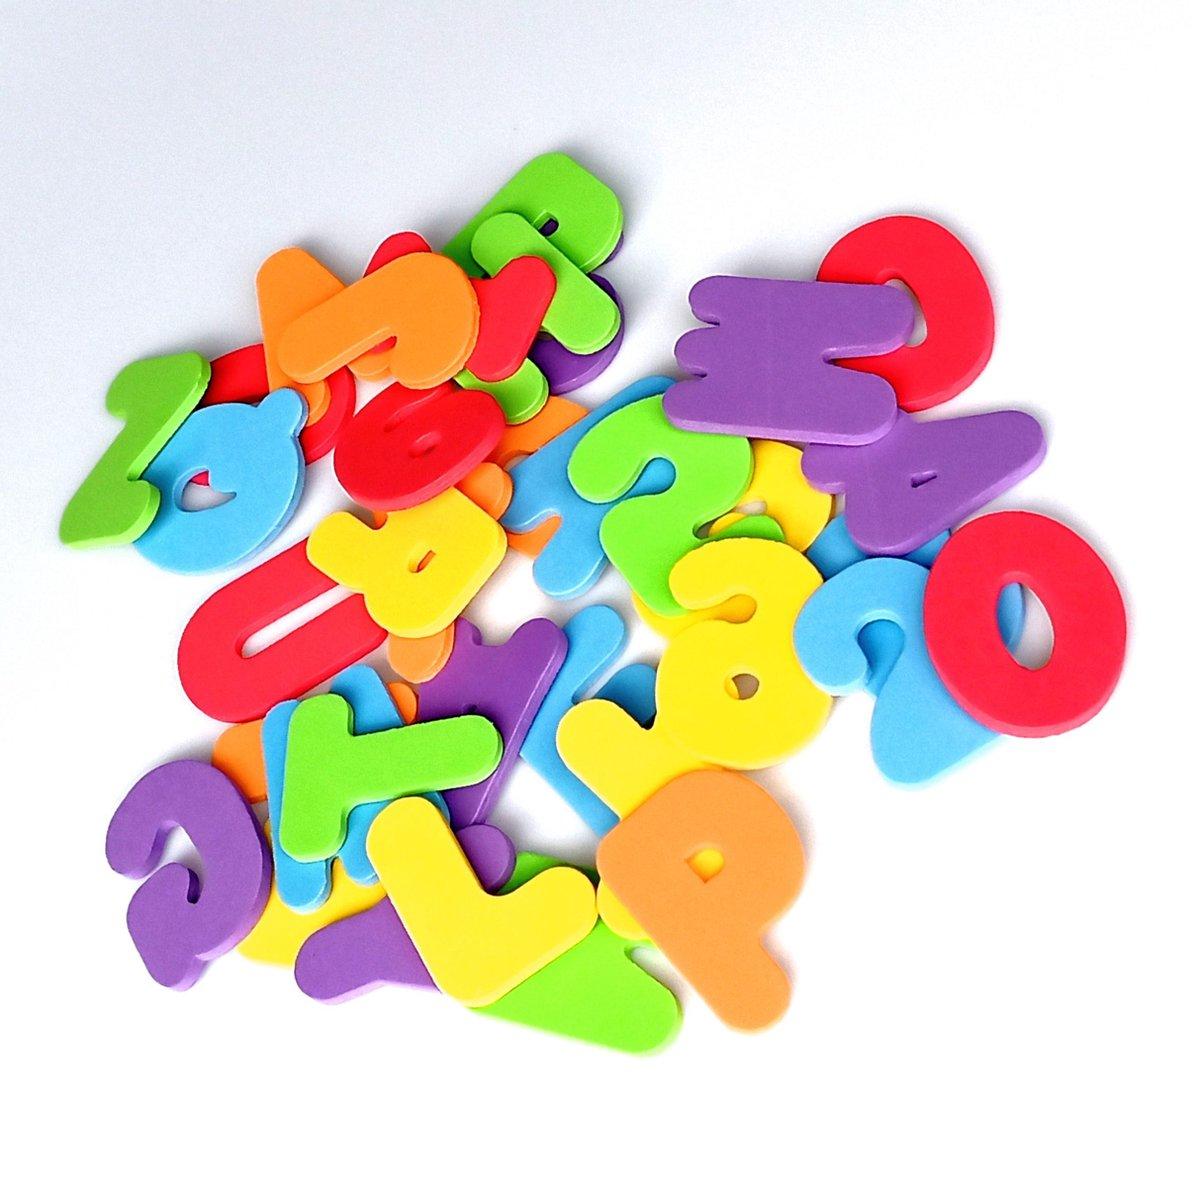 Jobber Waterplay Badspeelgoed - Foam letters en cijfer - ABC badletters